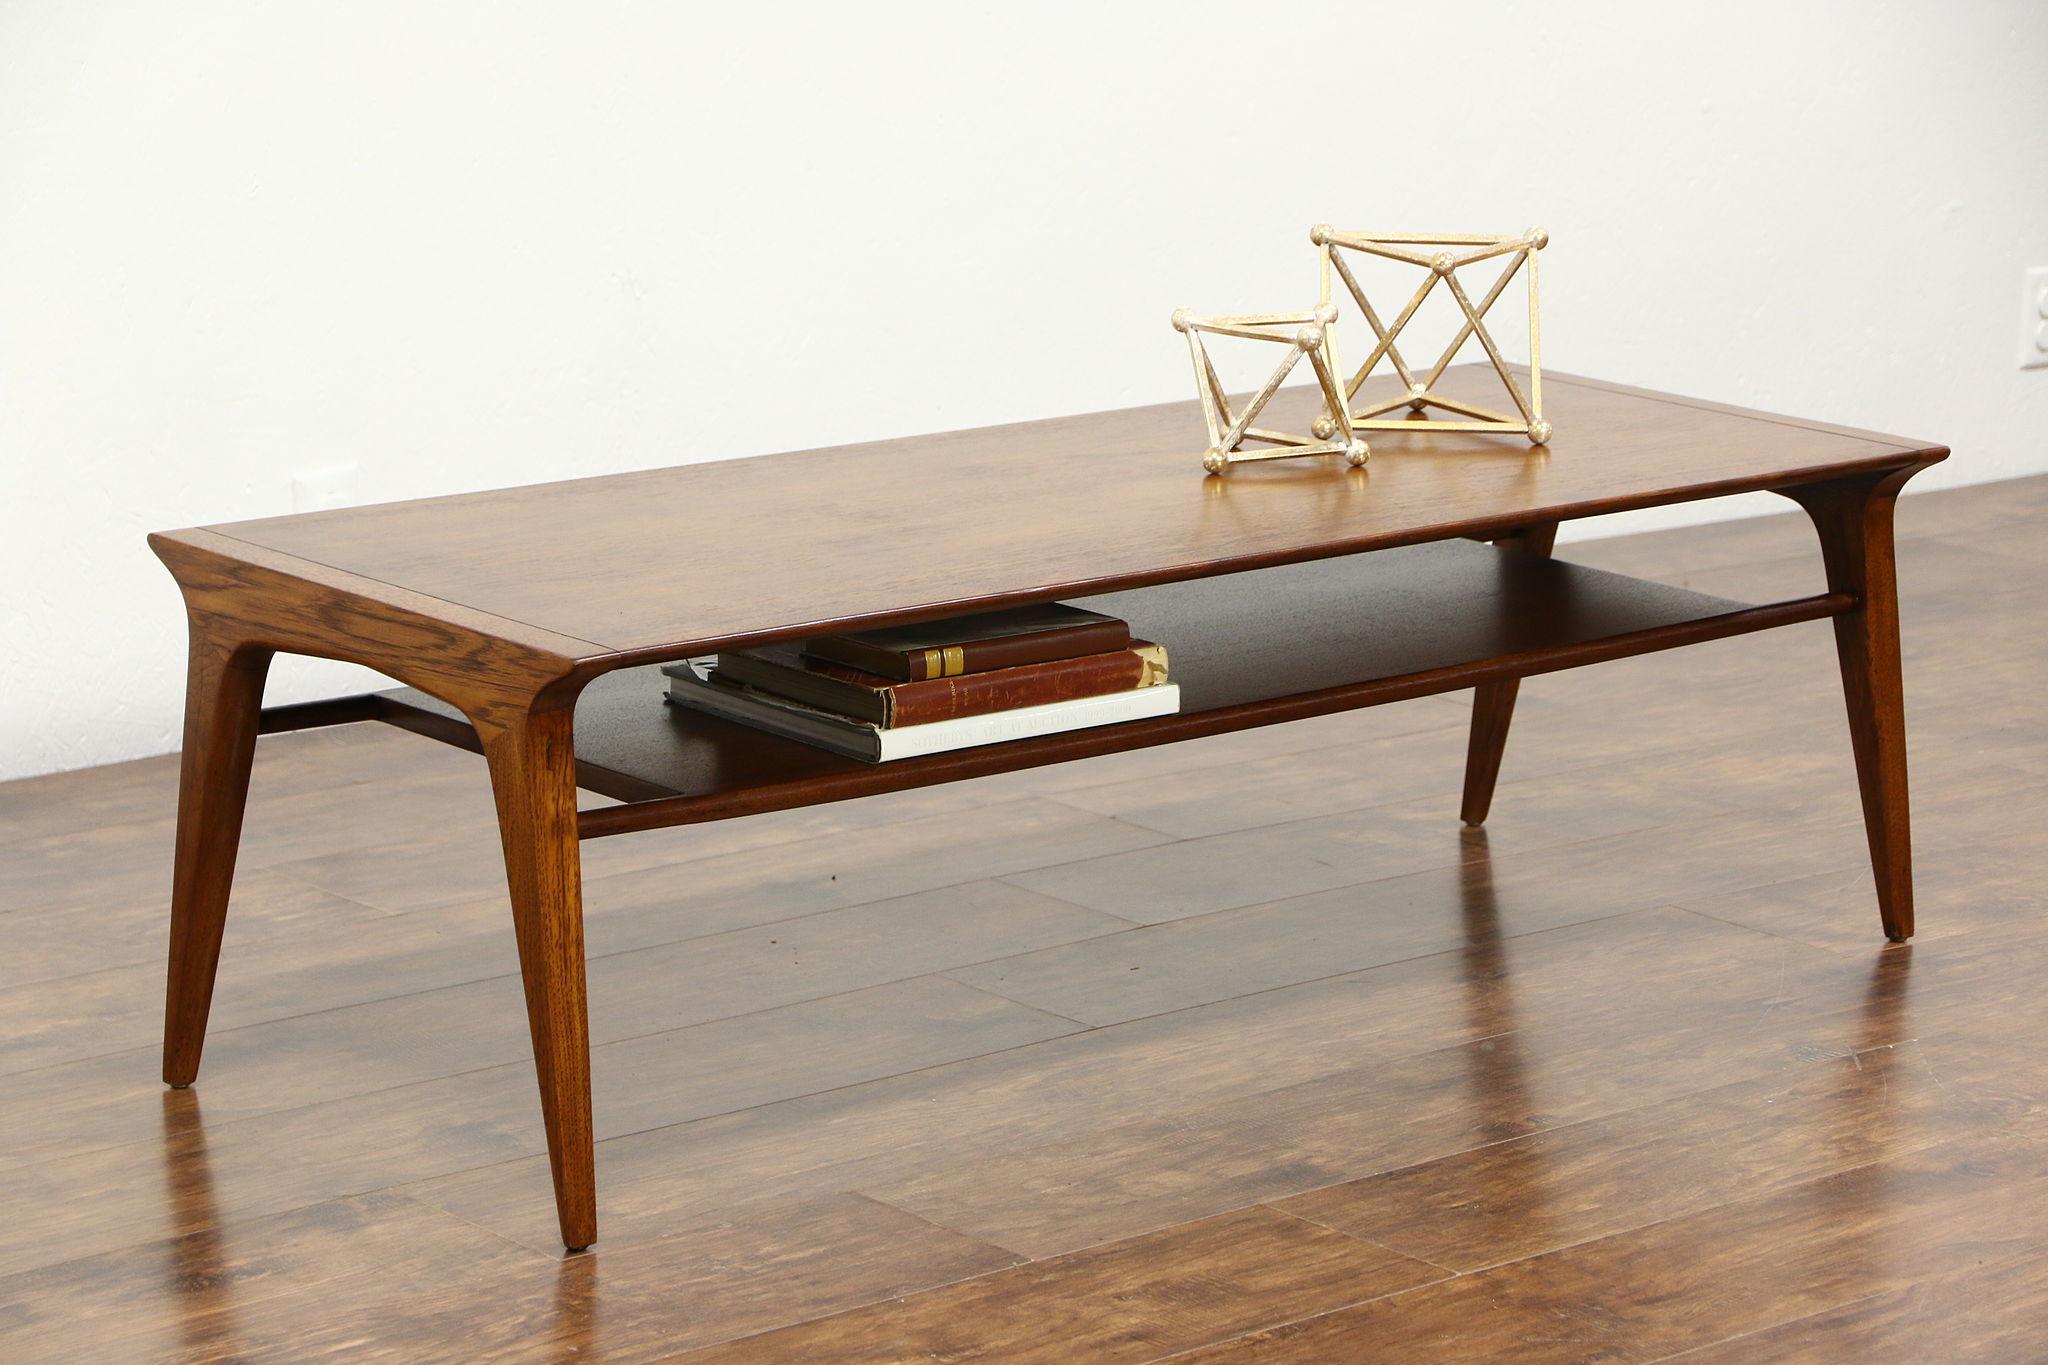 - SOLD - Profile By Drexel Van Koert Midcentury Modern 1960's